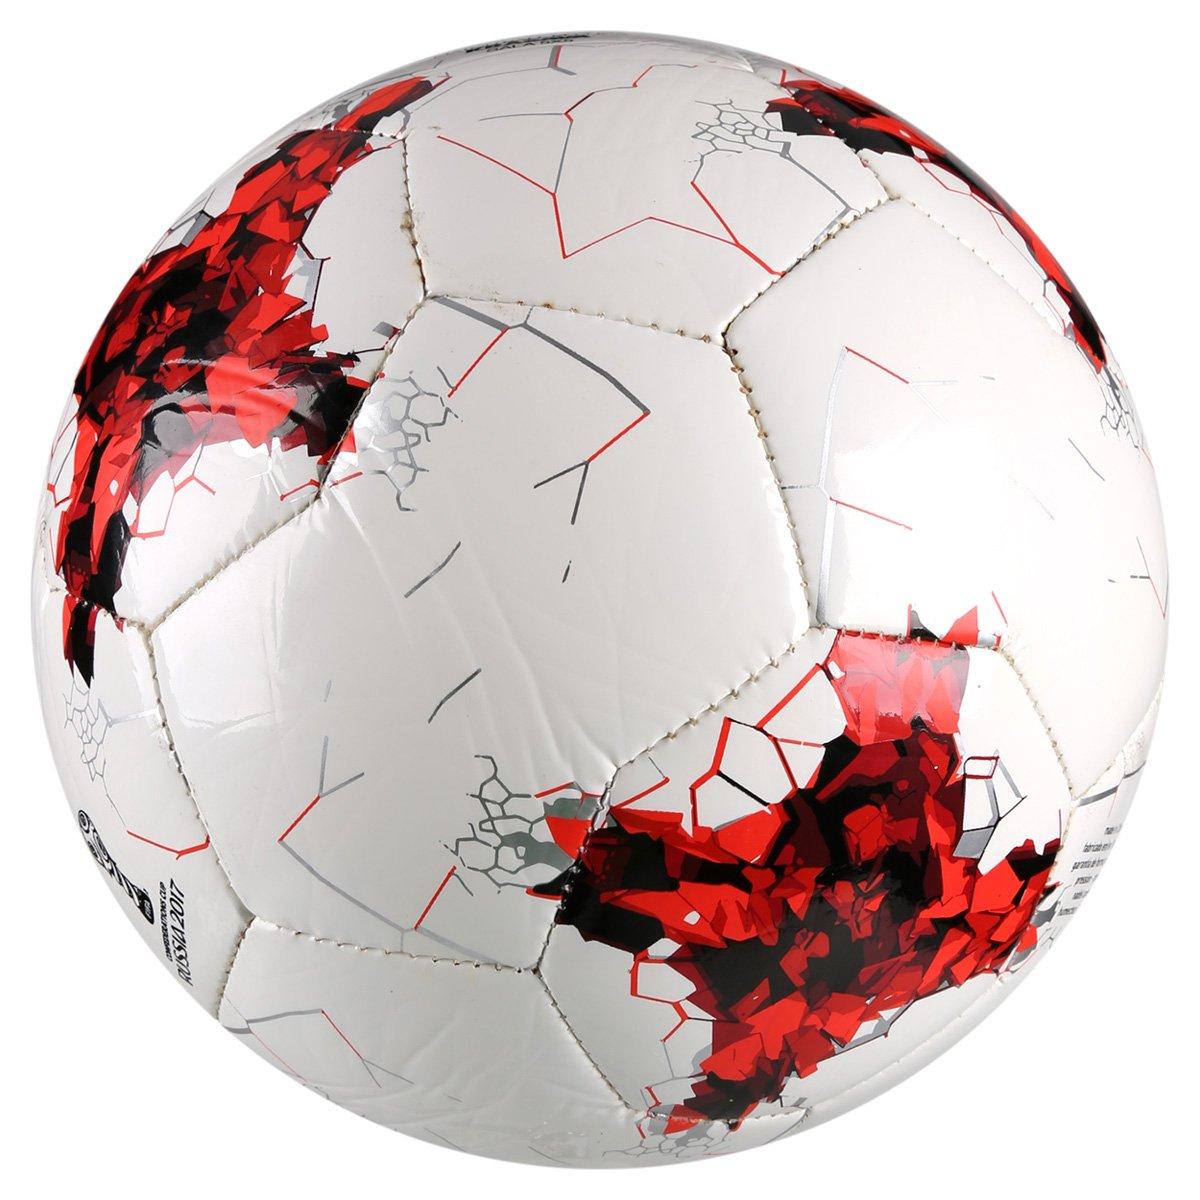 Bola Futsal Adidas Krasava Copa das Confederações 2017 Sala 5x5 ... 428ab7d6068ae